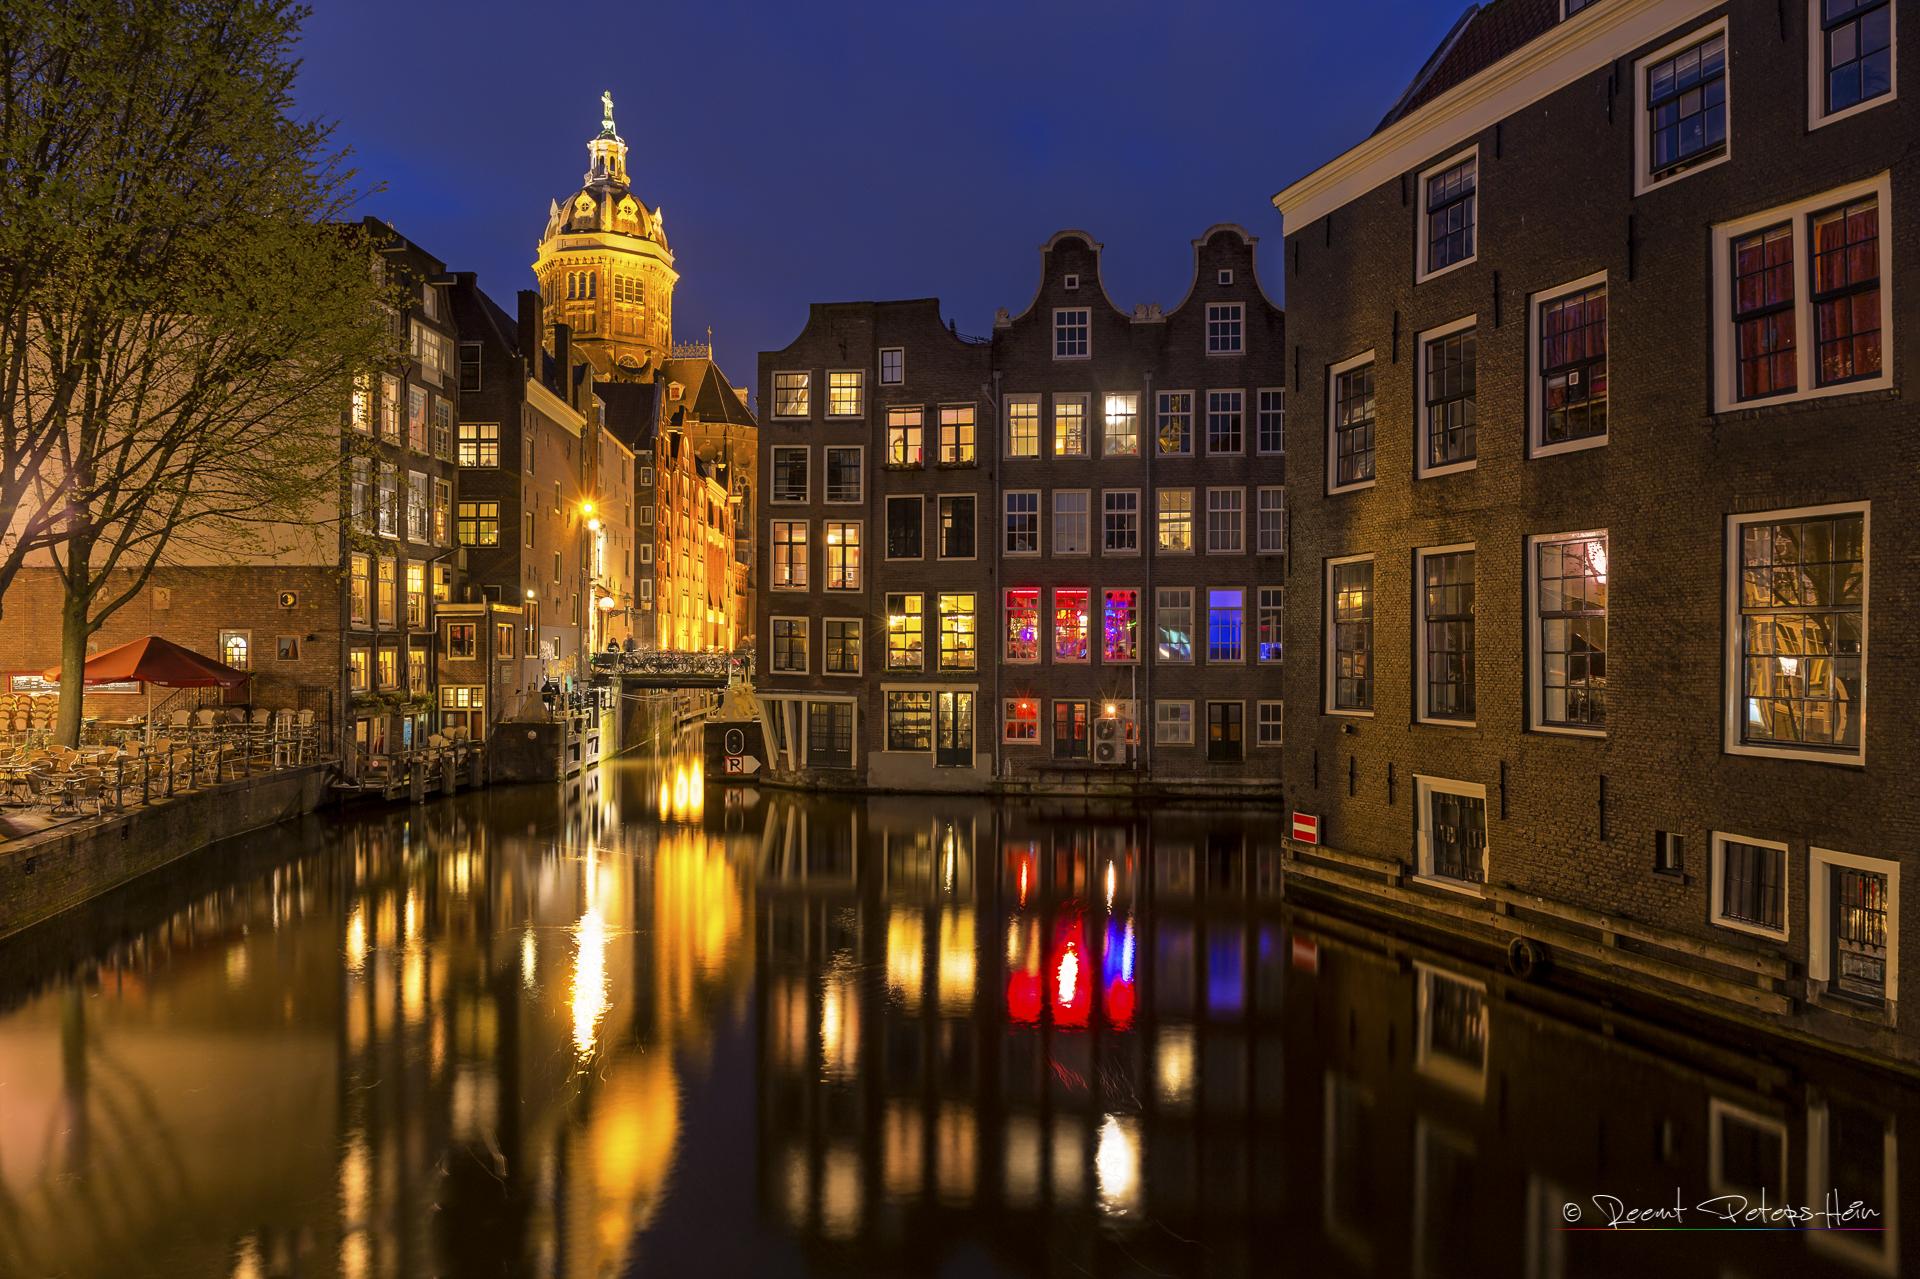 Armbrug, Netherlands